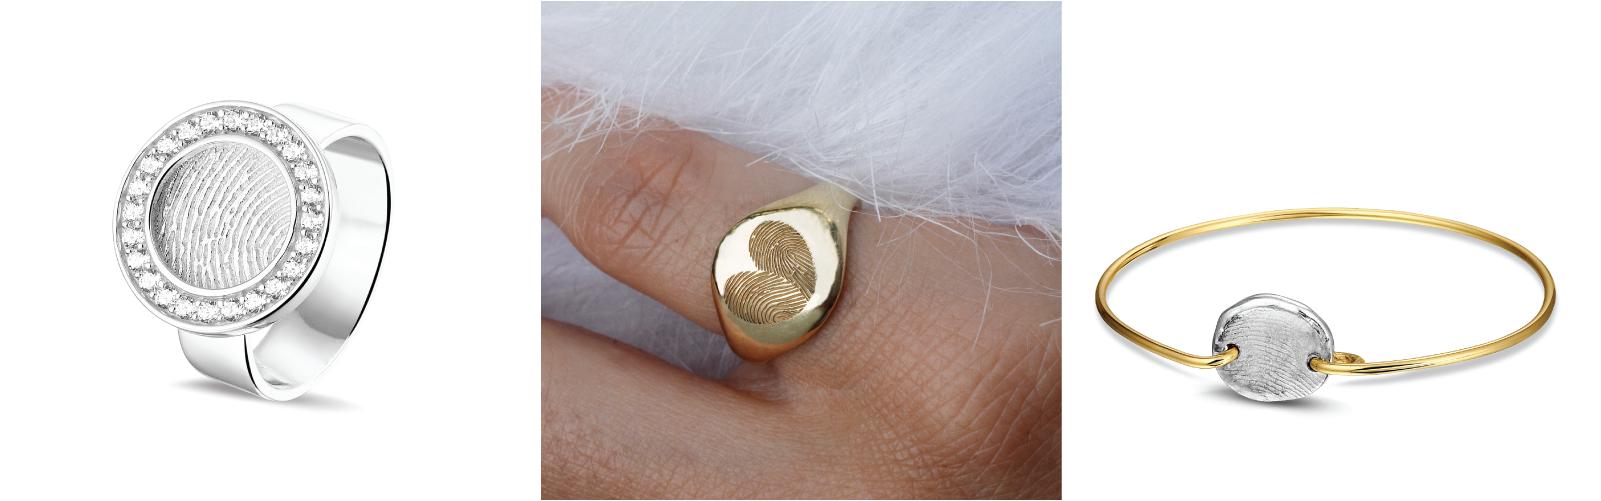 vingerafdruk-sieraden-ringen-hangers-wij-ontwerpen-gedenksieraden-voor-u-Wolters-Juweliers-Coevorden-Emmen